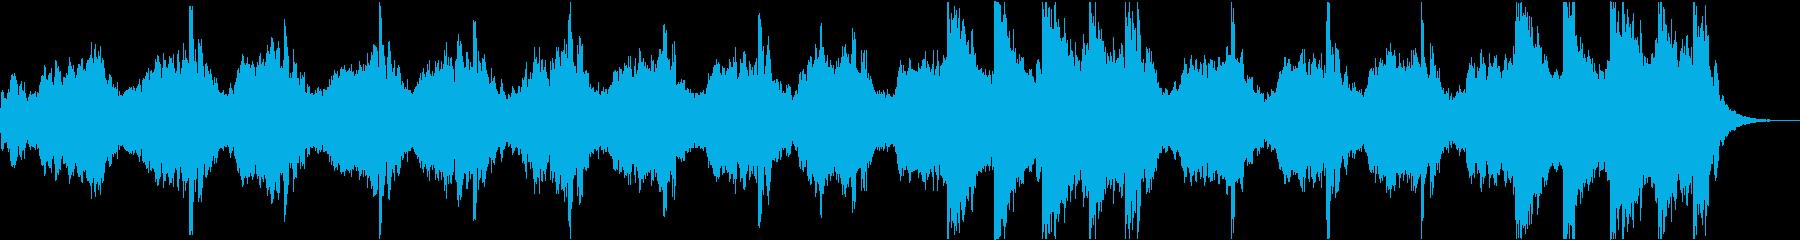 【アンビエント】悲しくも温かい曲の再生済みの波形